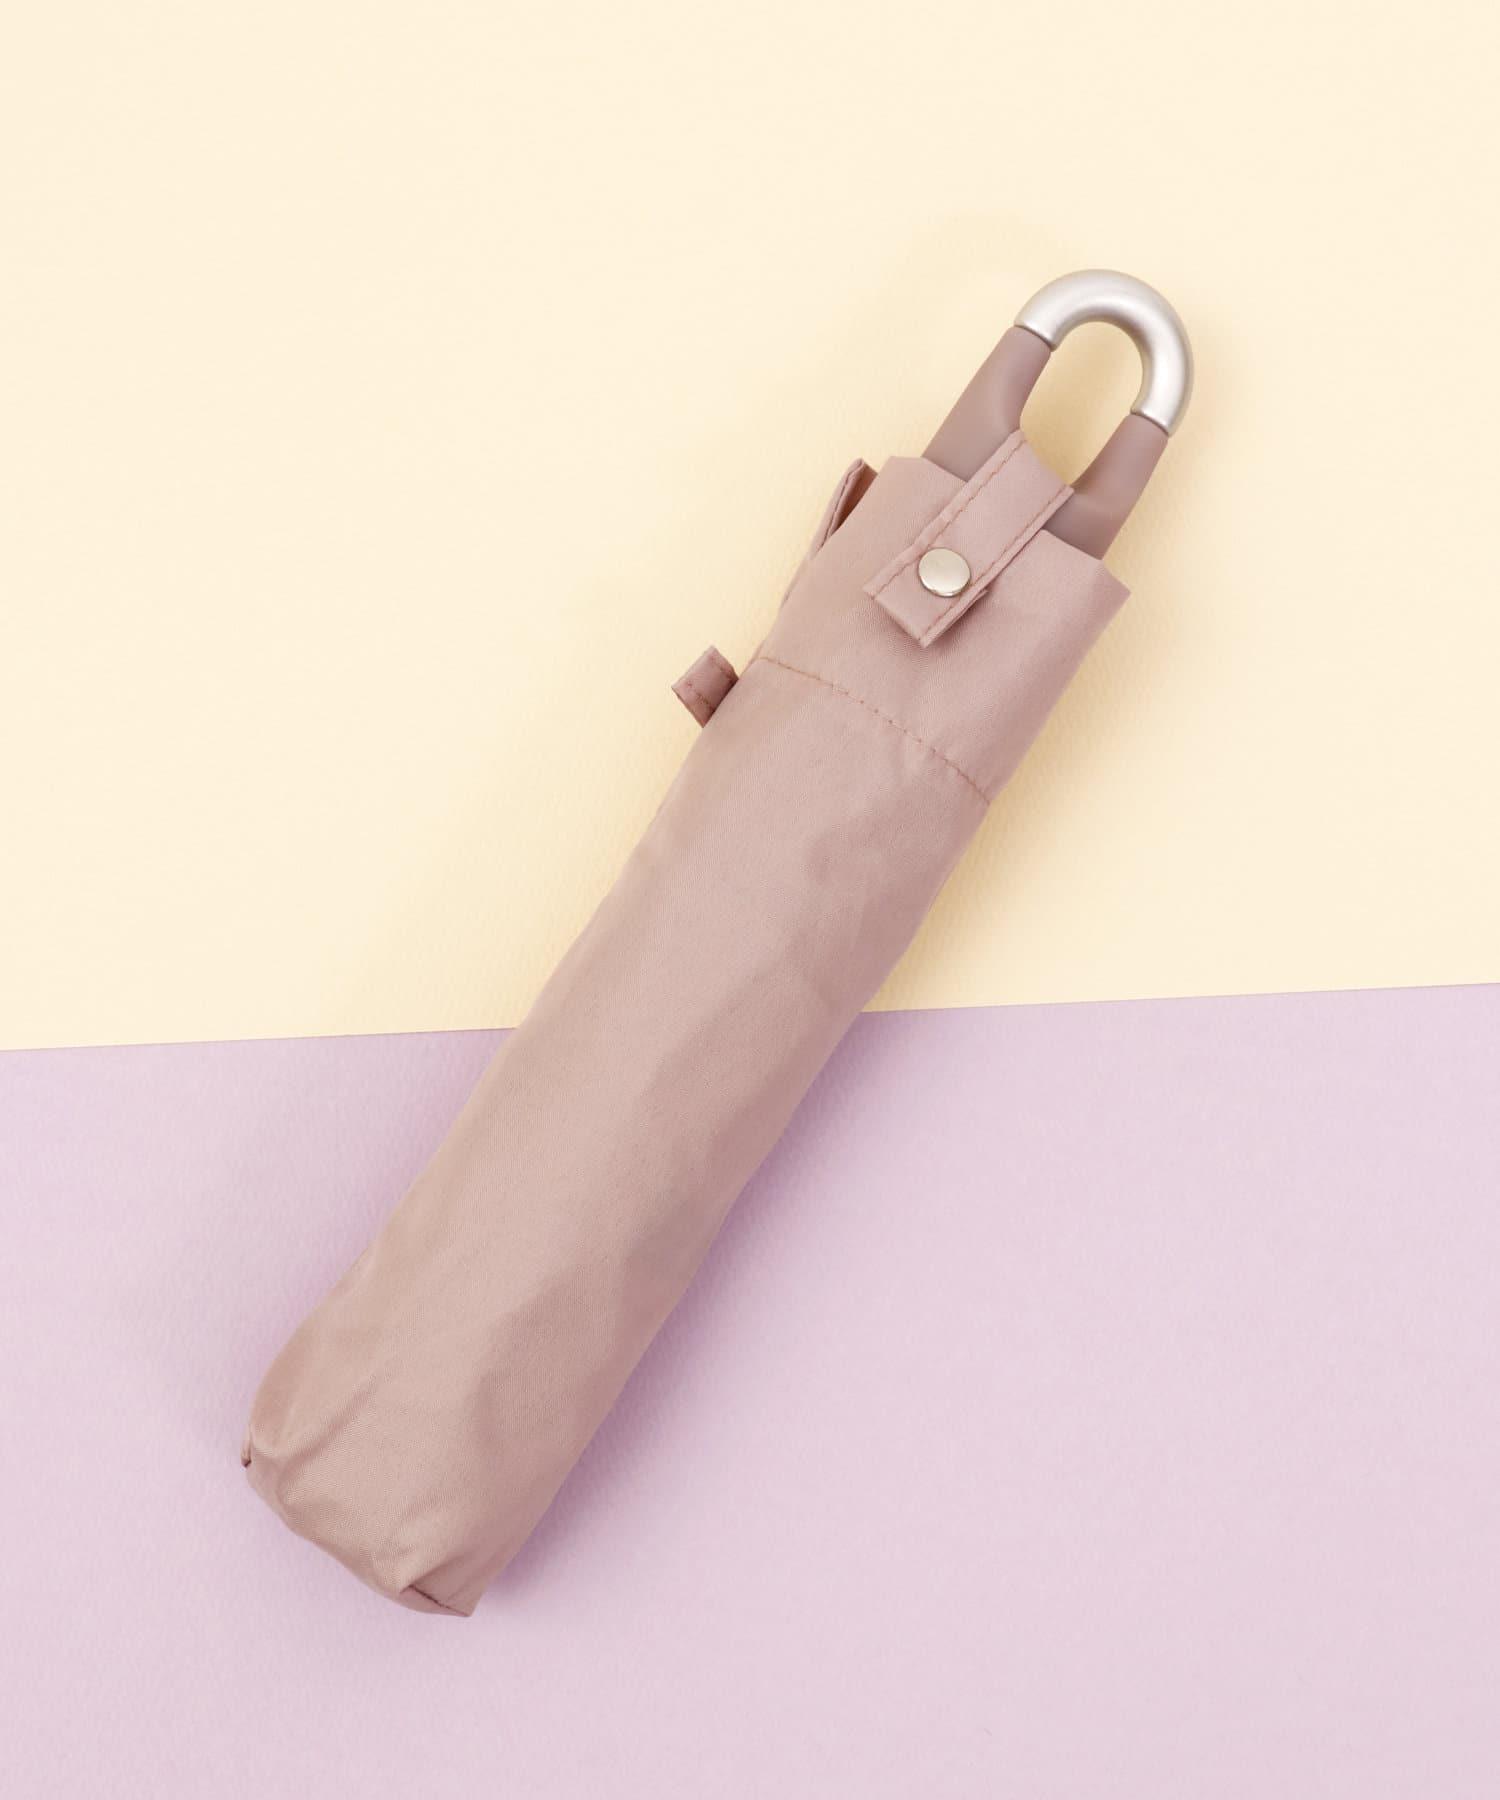 ASOKO(アソコ) レディース <カラビナ付き>くすみカラー折りたたみ傘 その他